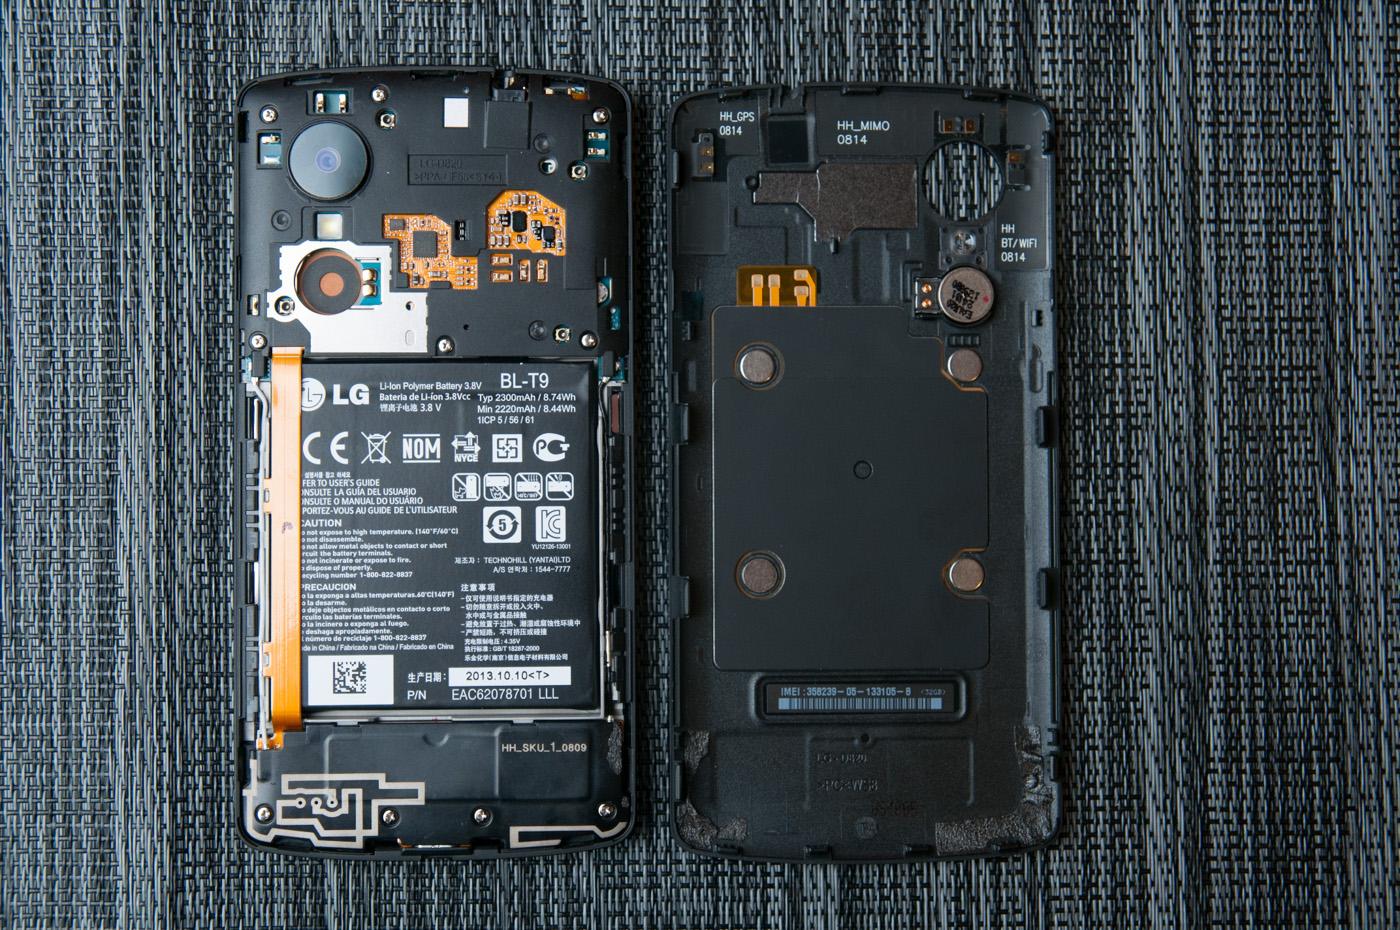 [GPS.CONF] Modifier / Créer son propre fichier gps.conf pour améliorer le GPS Nexus5-1549